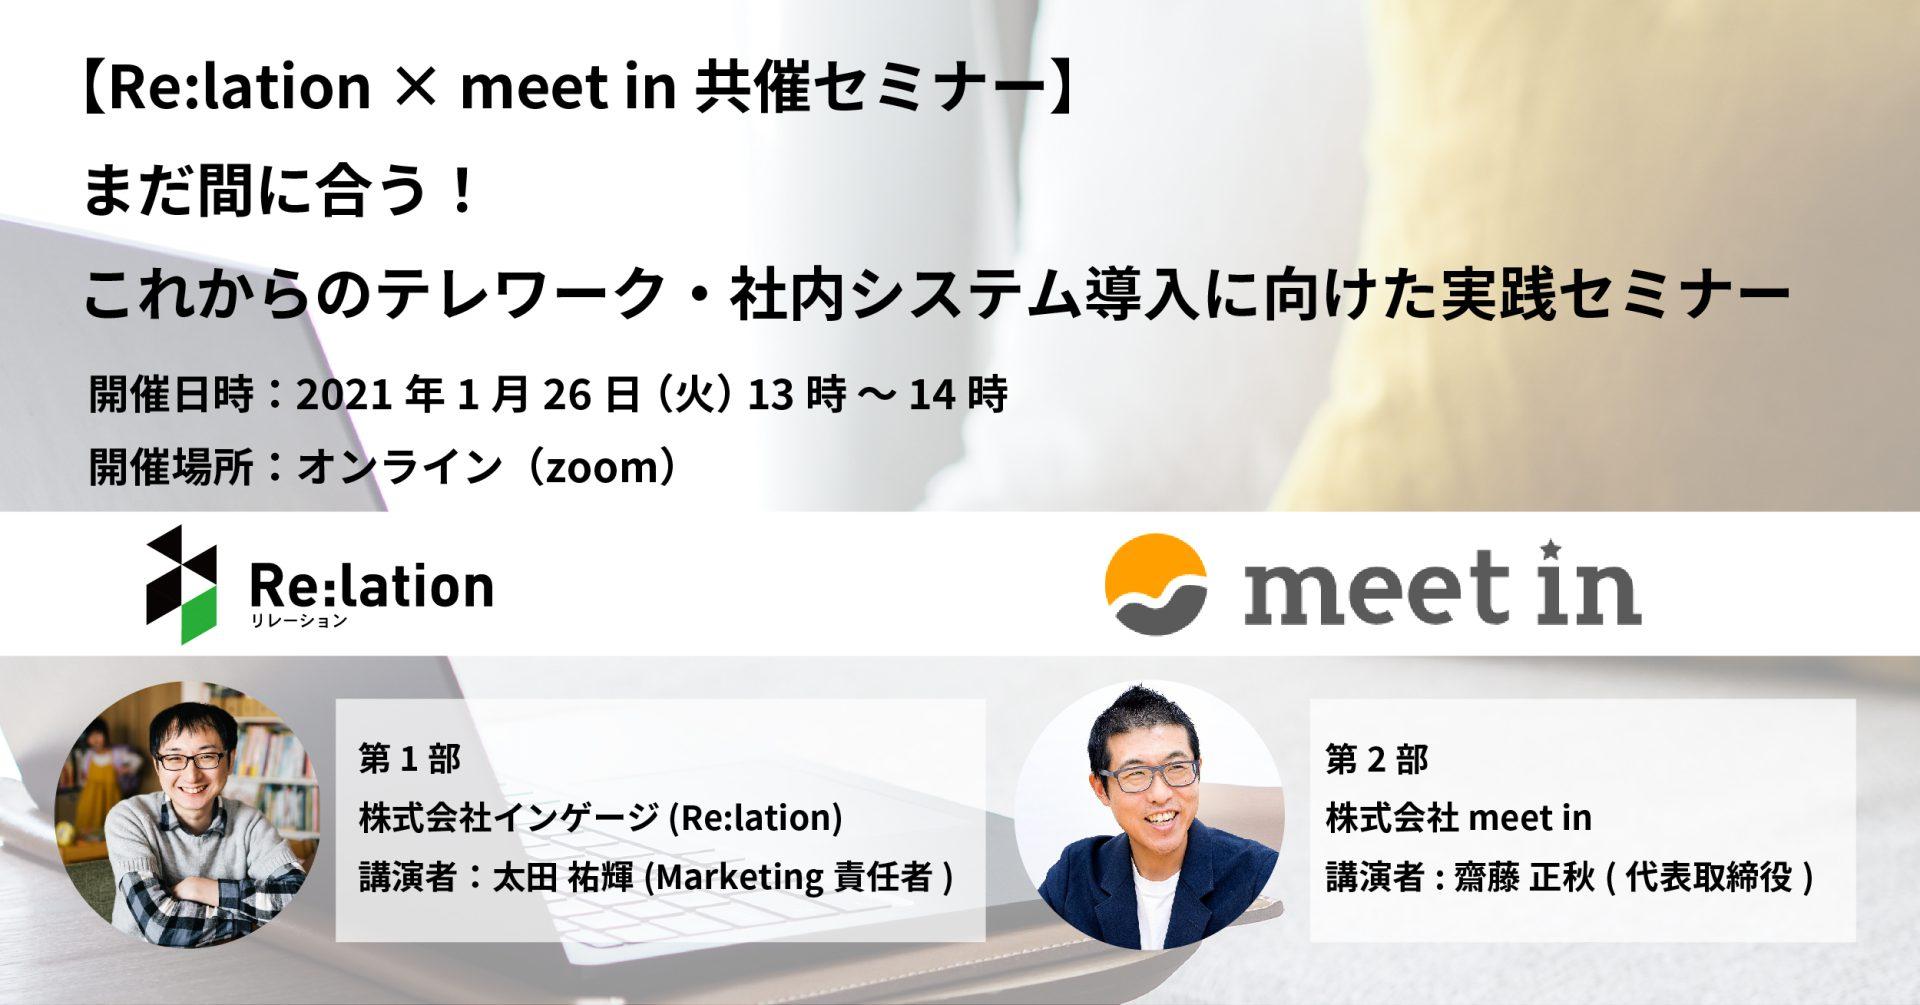 【1/26(火)】Re:lation × meet in 共催セミナー開催のお知らせ